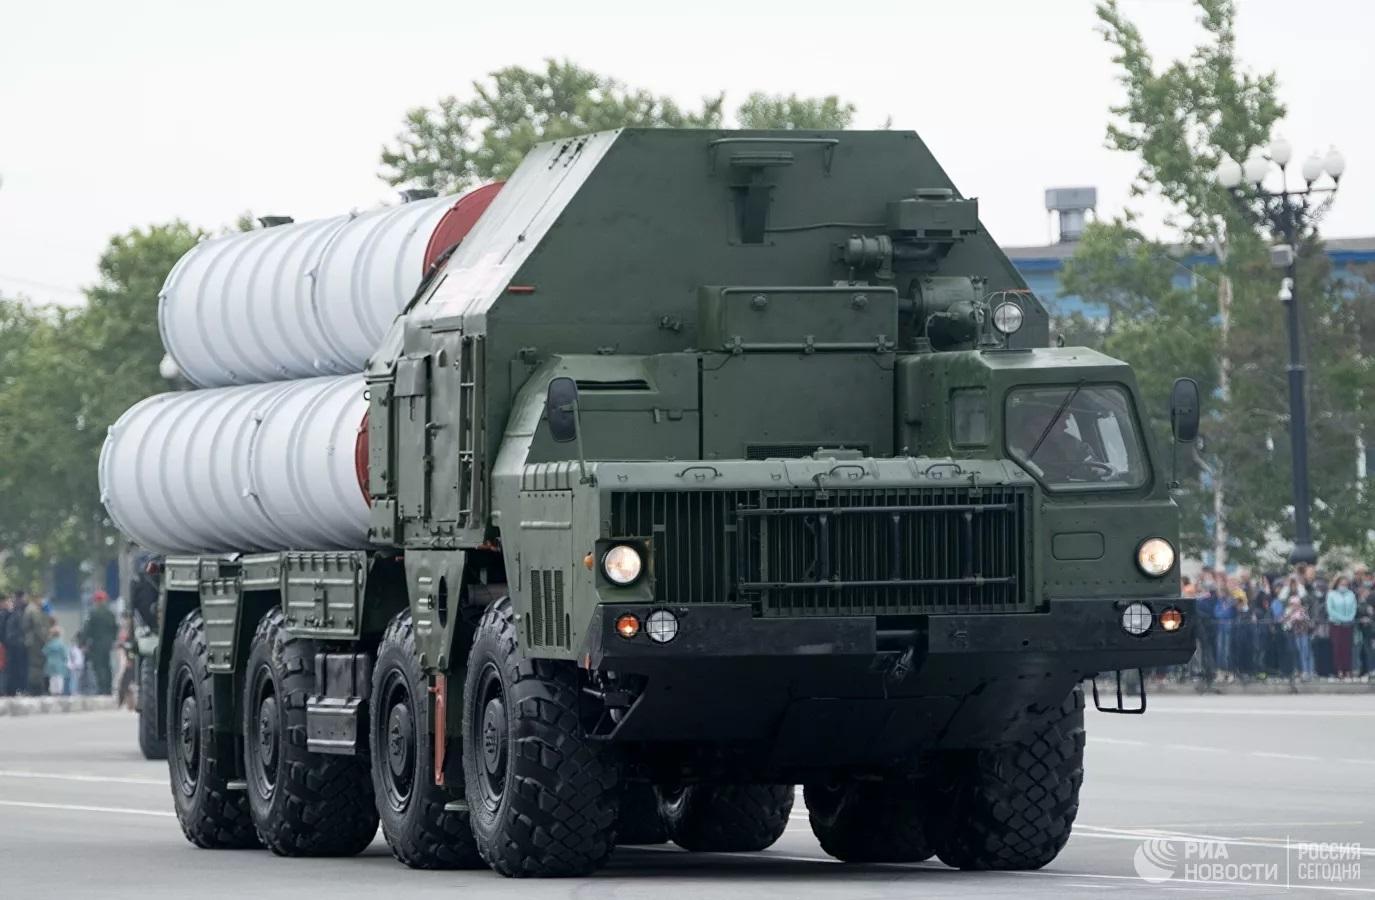 NATO kêu gọi Thổ Nhĩ Kỳ tìm giải pháp thay thế S-400